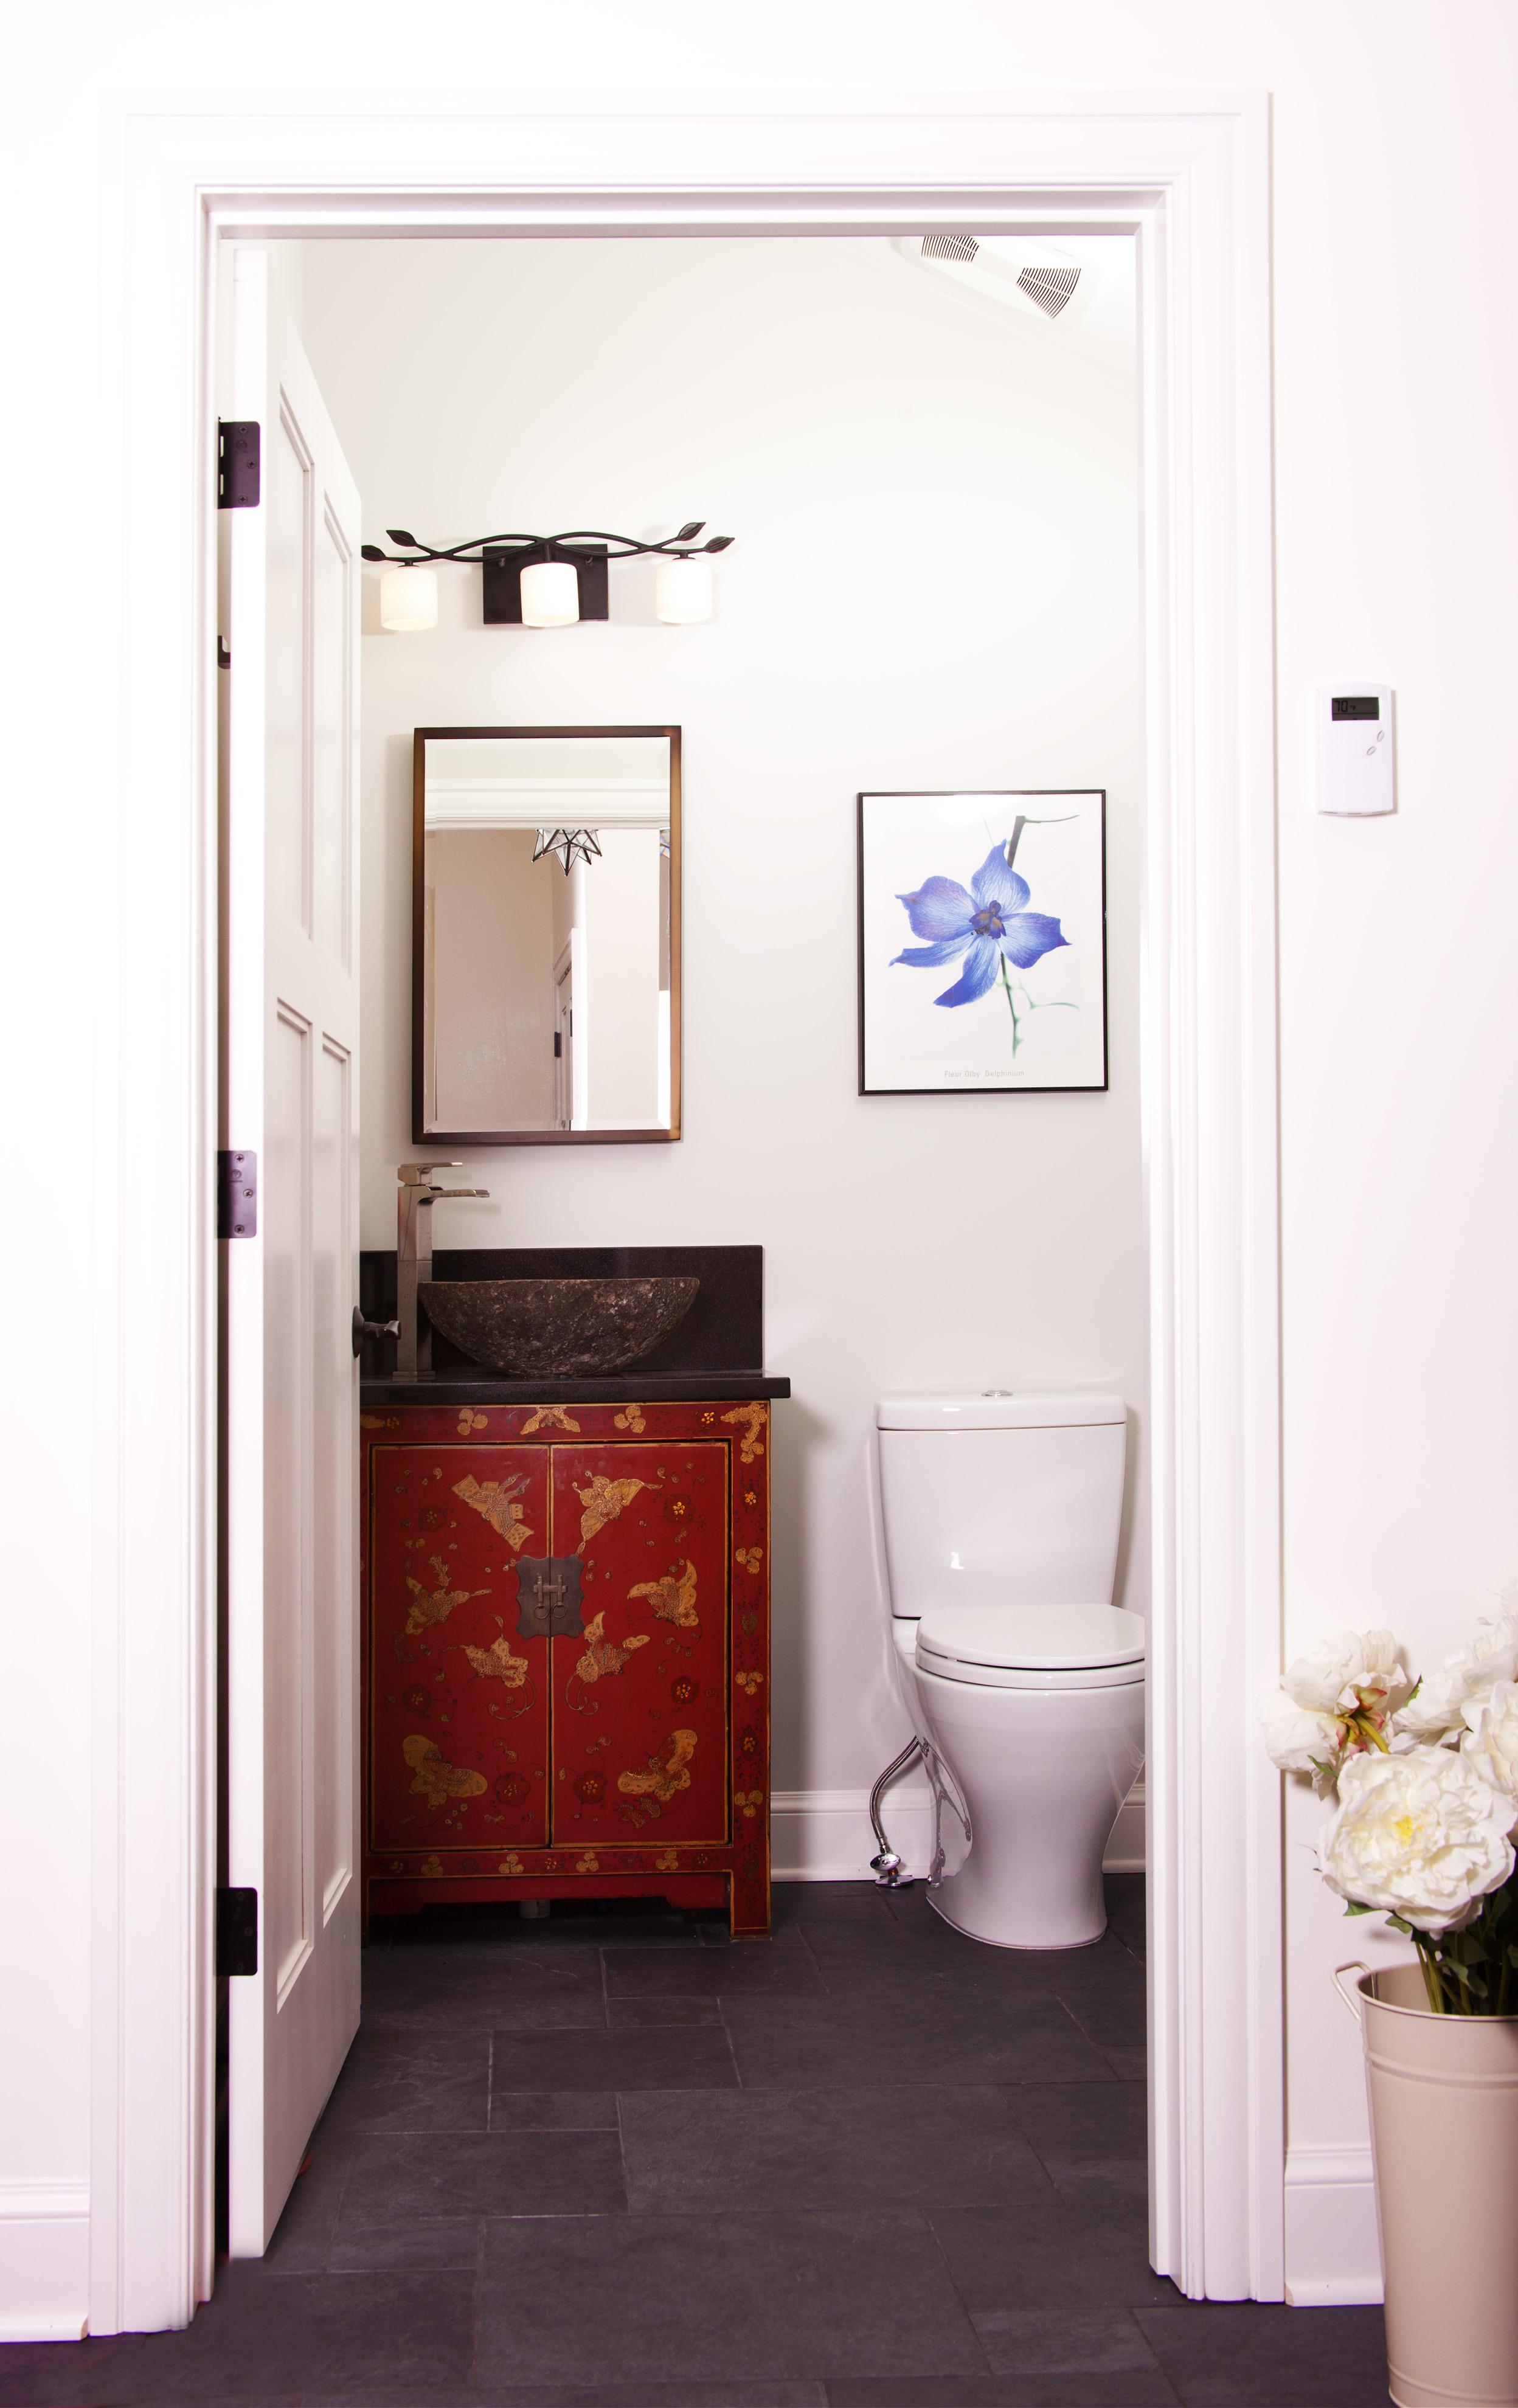 Baer House - bathroom-043.jpg